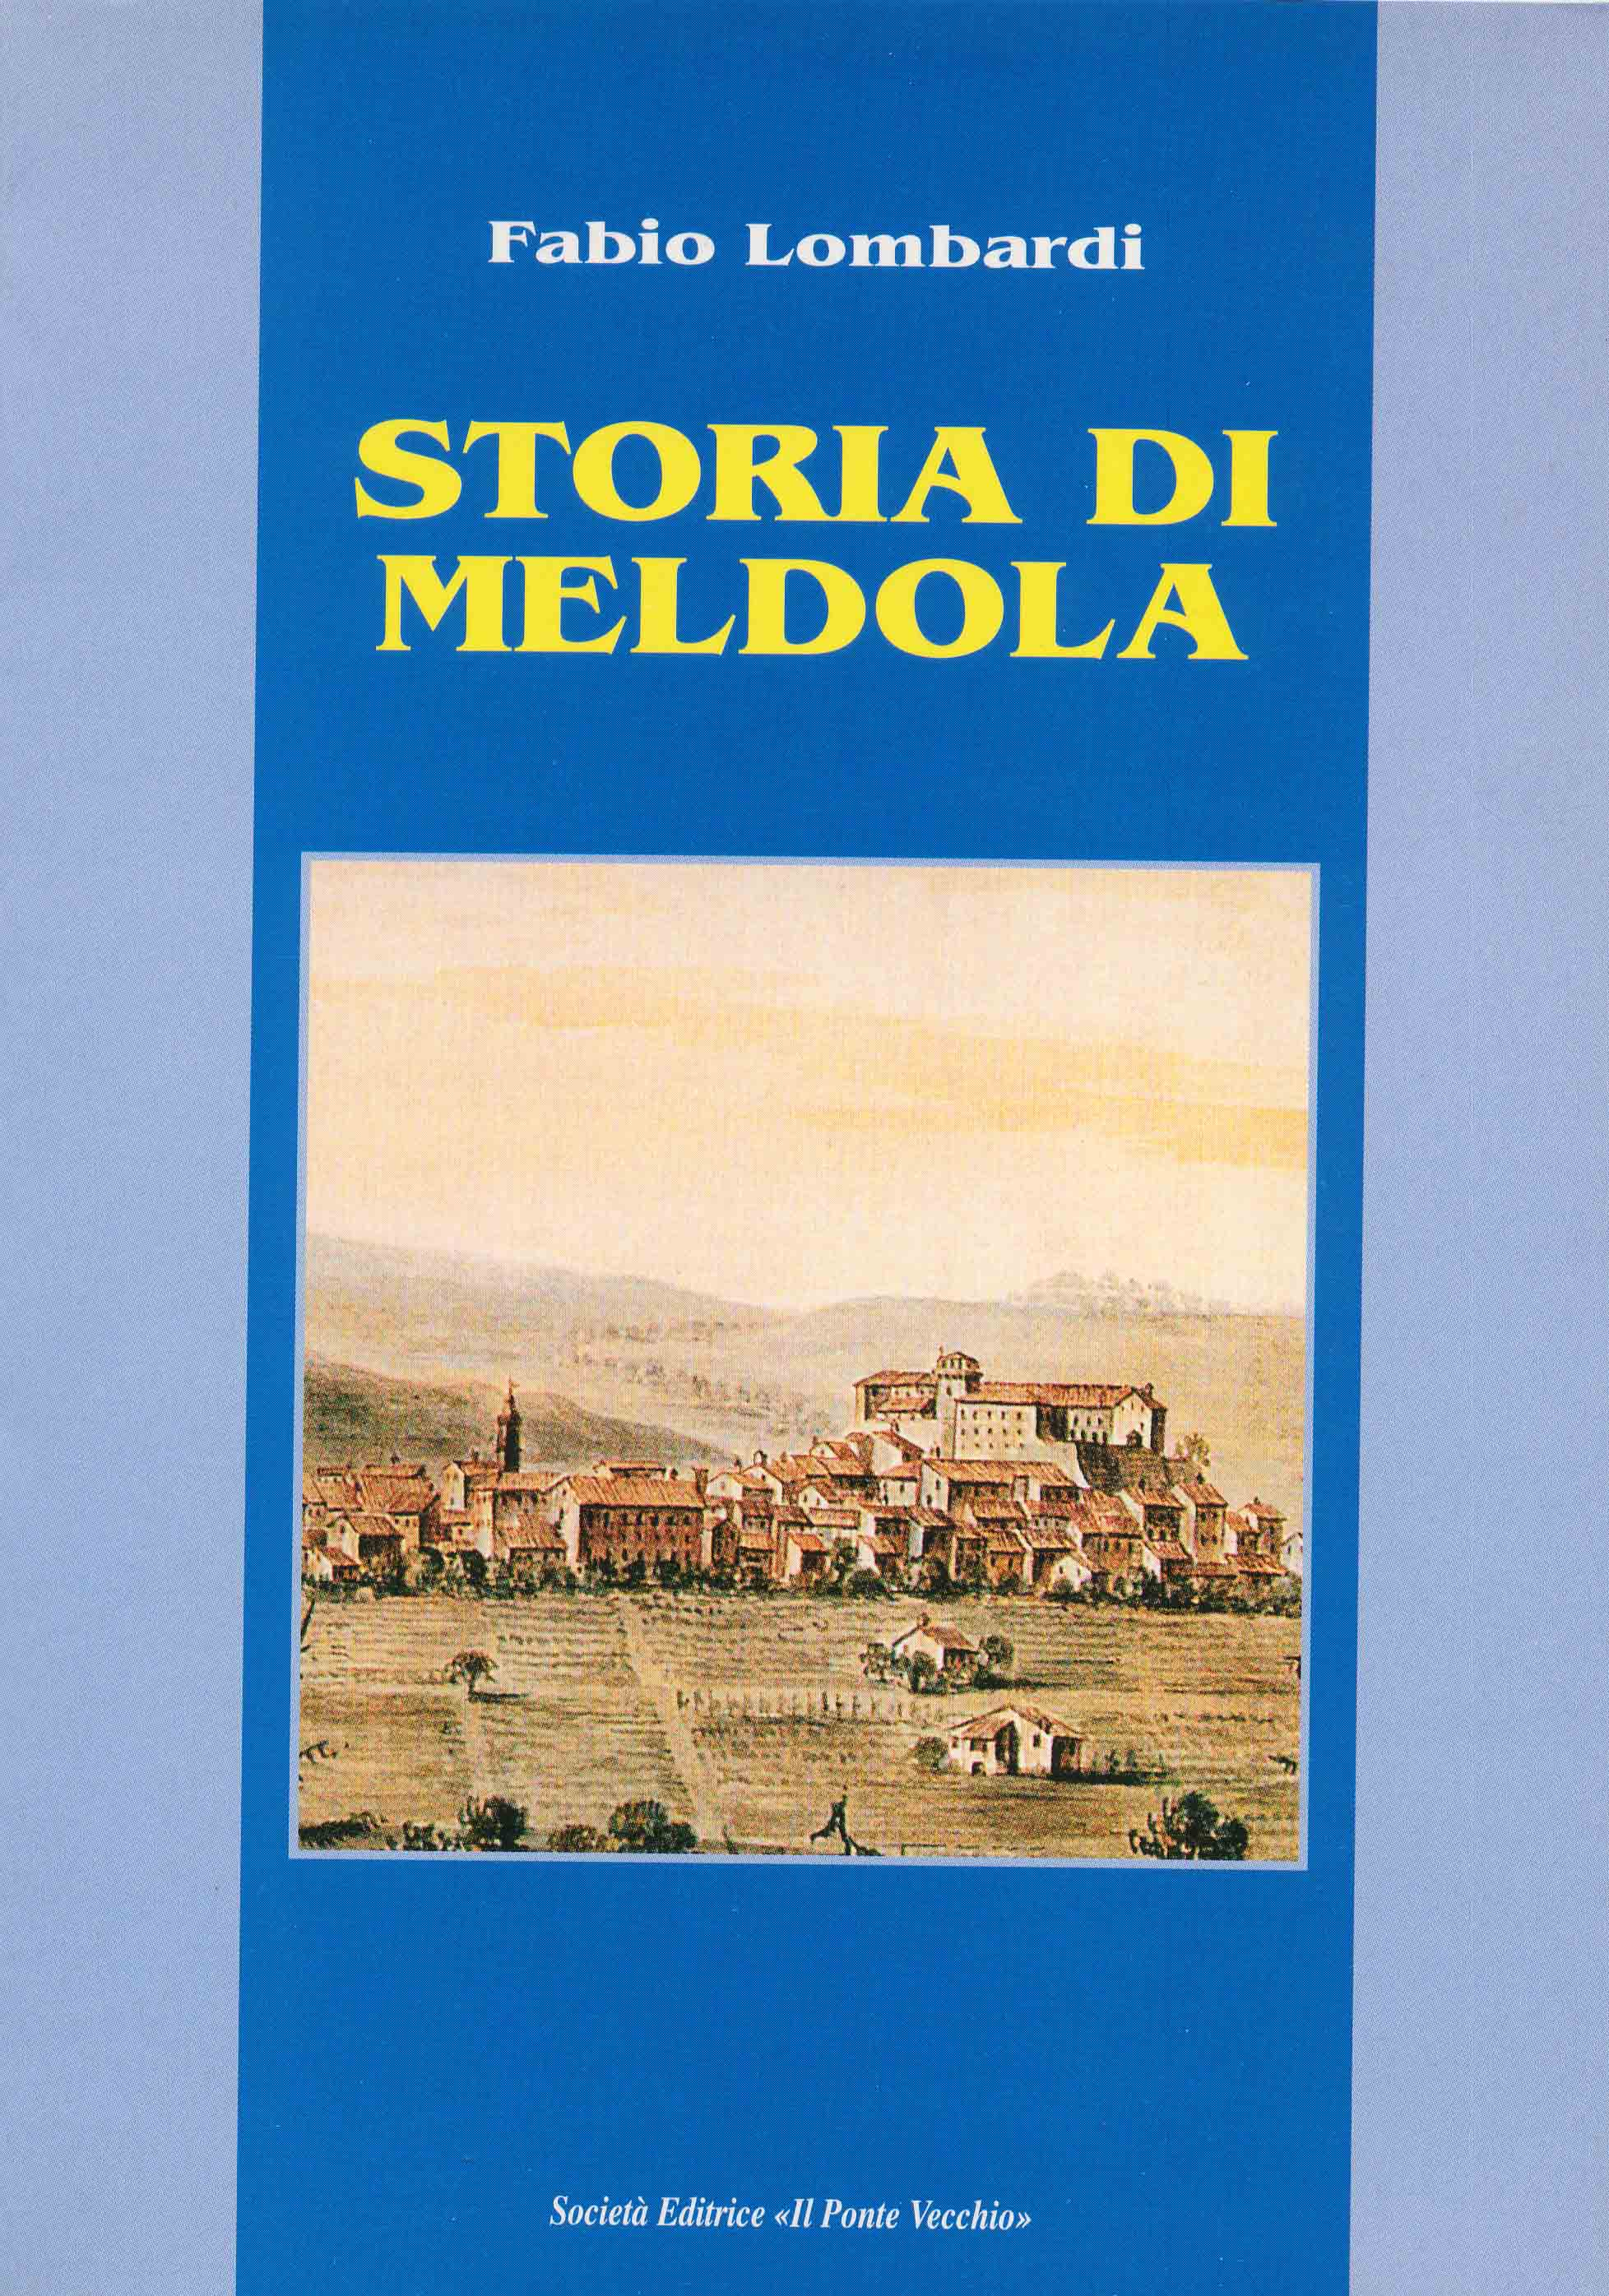 Storia di Meldola